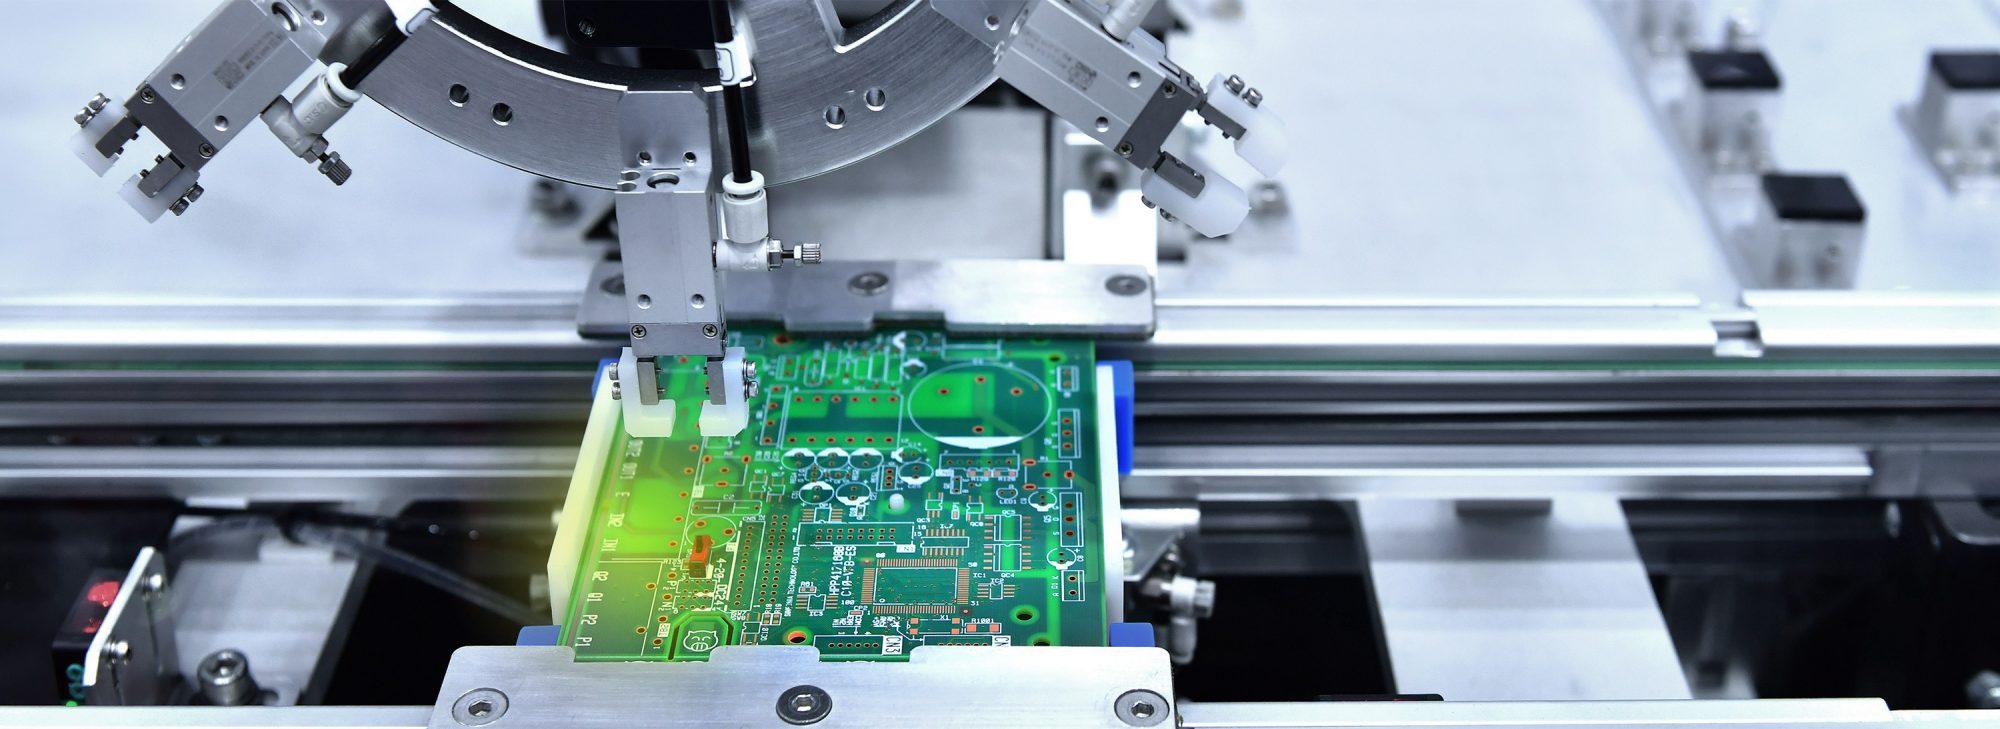 Electronics Image